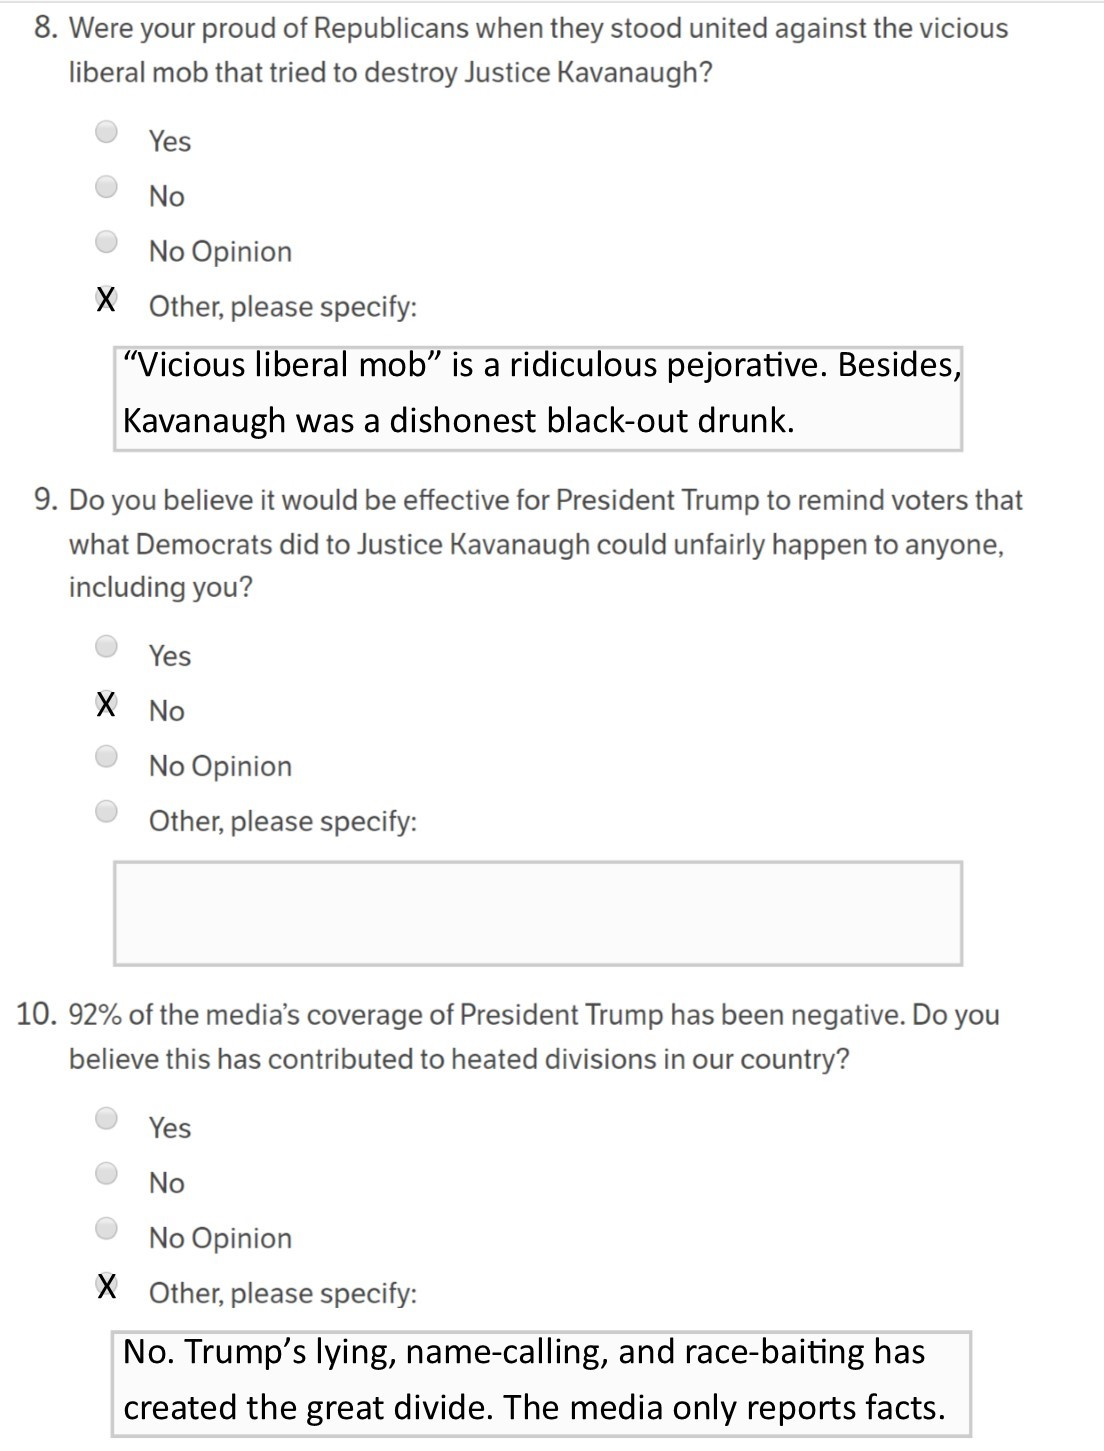 Survey 4 (2)